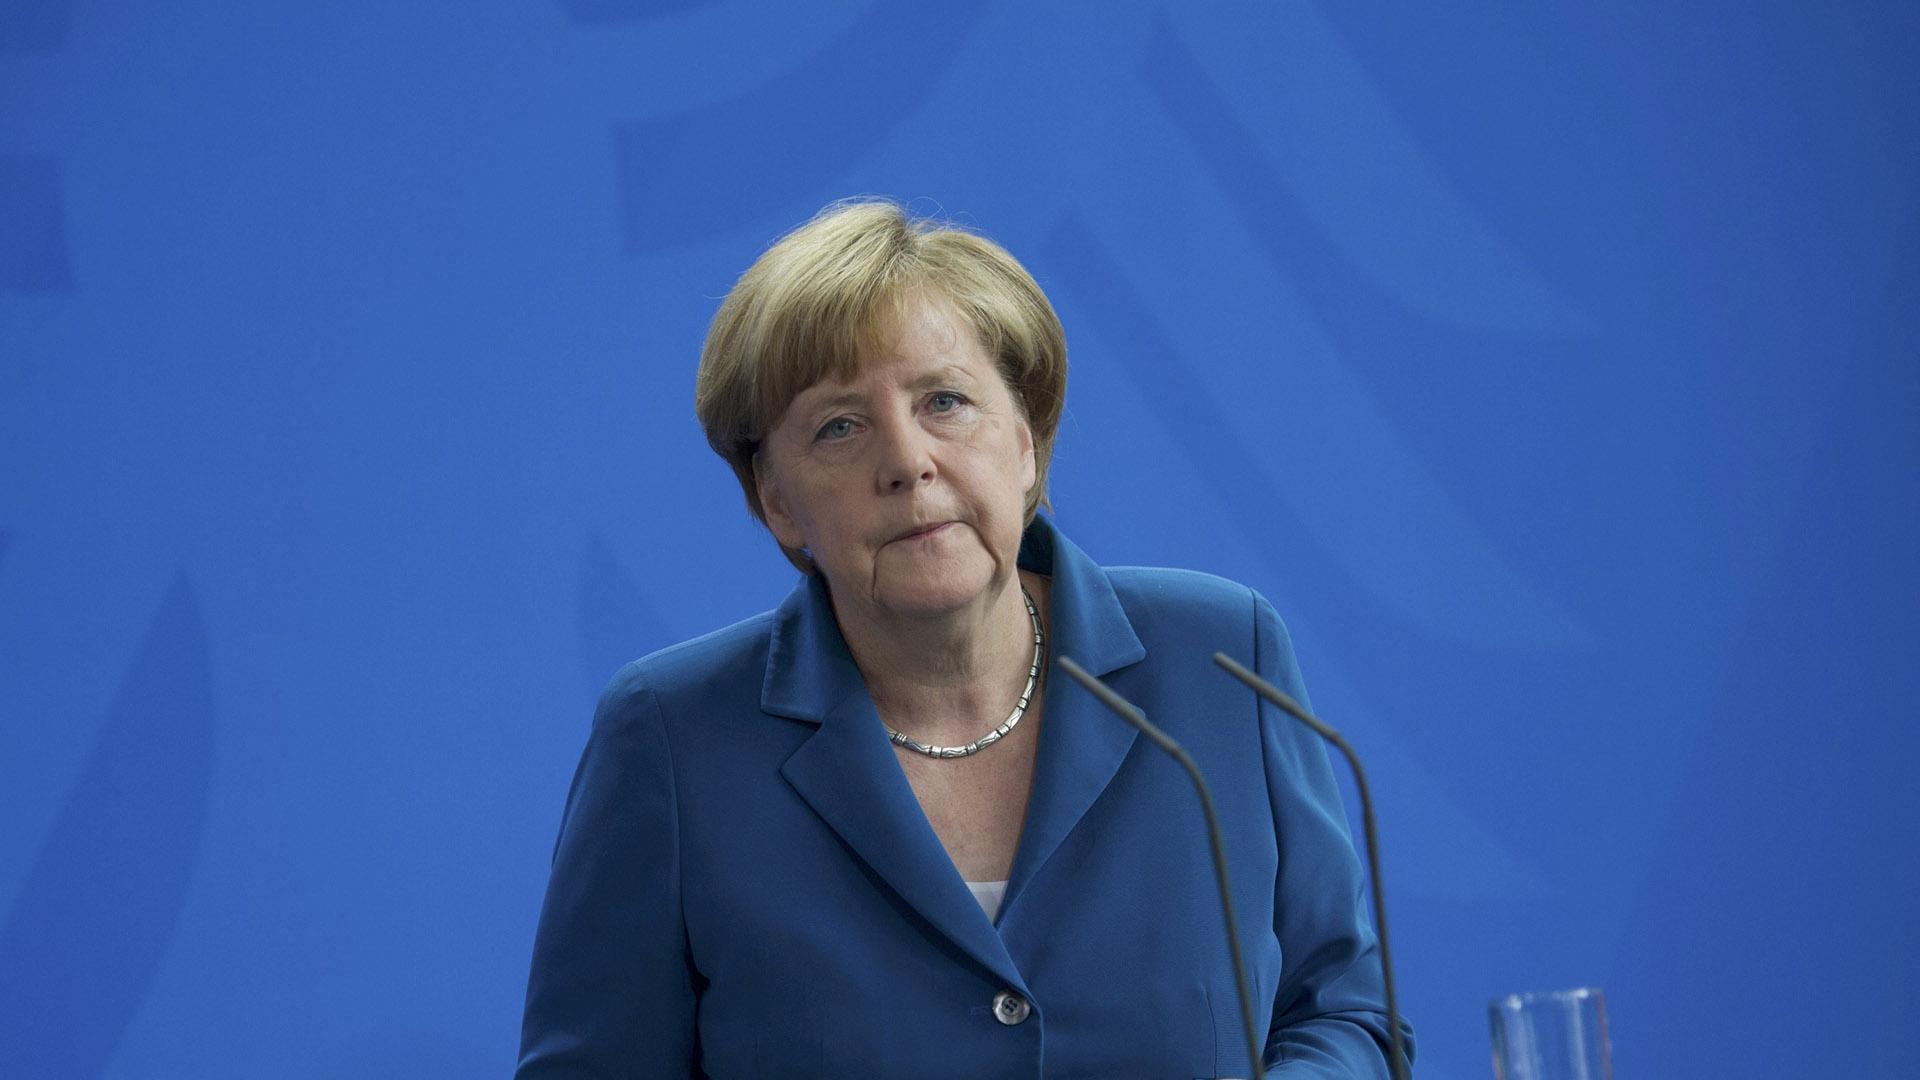 La canciller alemana aseguró que las fuerzas de seguridad continuarán trabajando para seguir garantizando la libertad y la vida